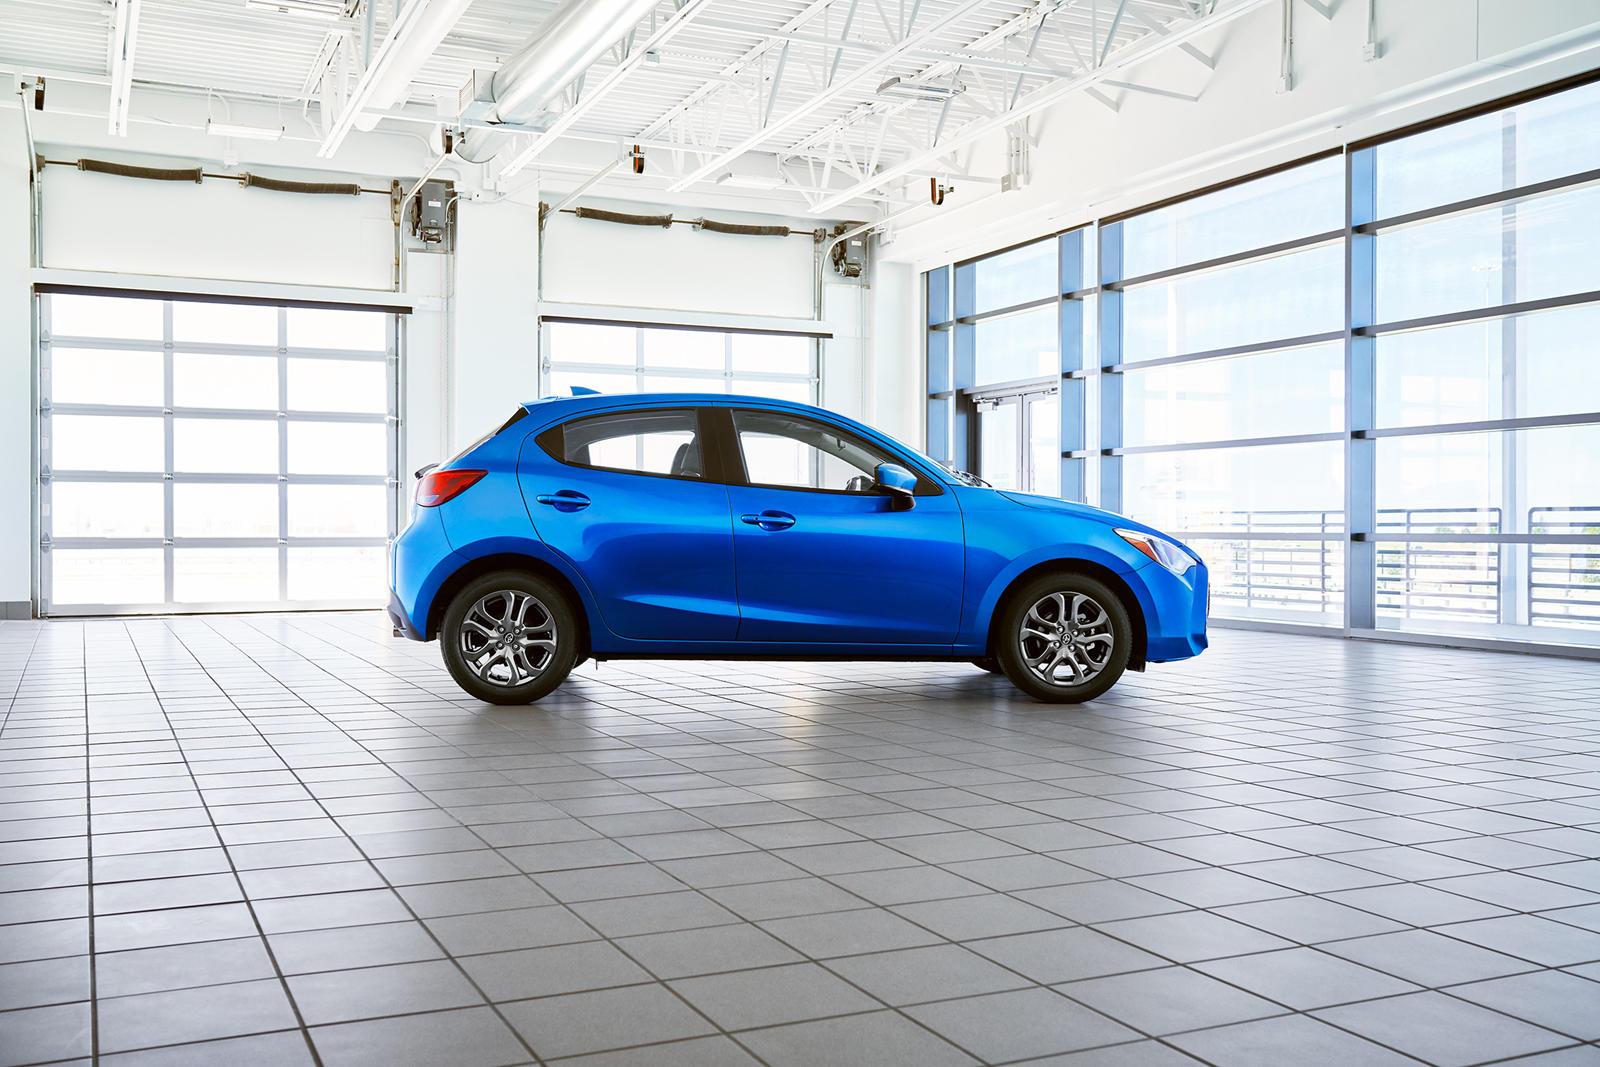 Подробности скудны, поскольку у нас даже нет названия модели на данный момент, но Toyota говорит, что новый B-SUV